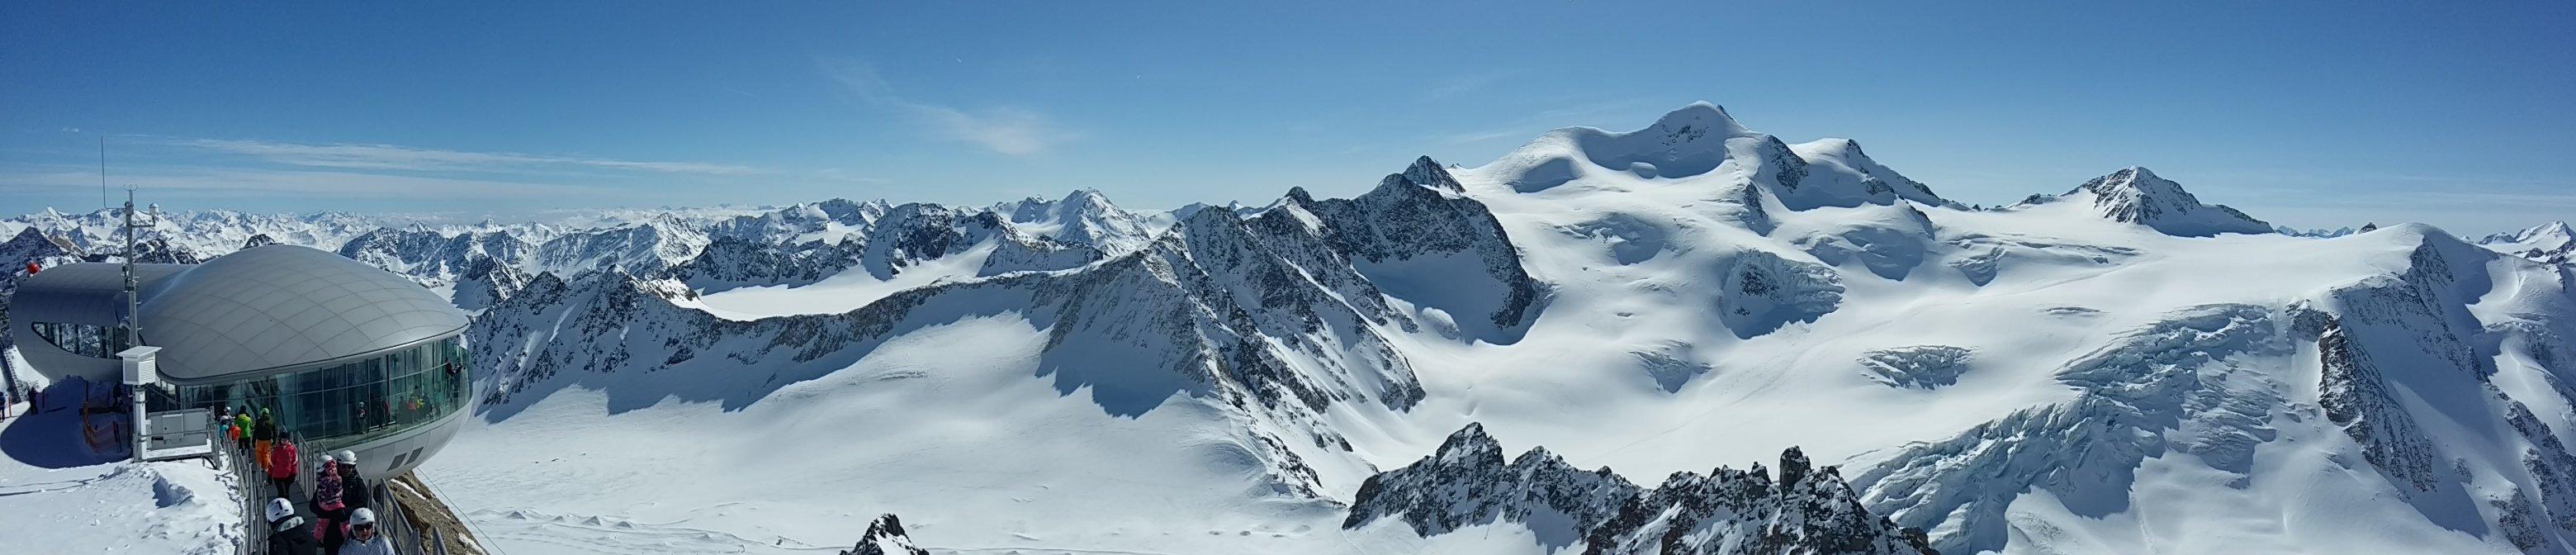 Z vyhlídkové terasy na ledovci Pitztal se nabízí krásný výhled na druhou nejvyšší horu Rakouska, Wildspitze (3774 m.n.m.) - © Skiinfo.pl/Tomasz Wojciechowski